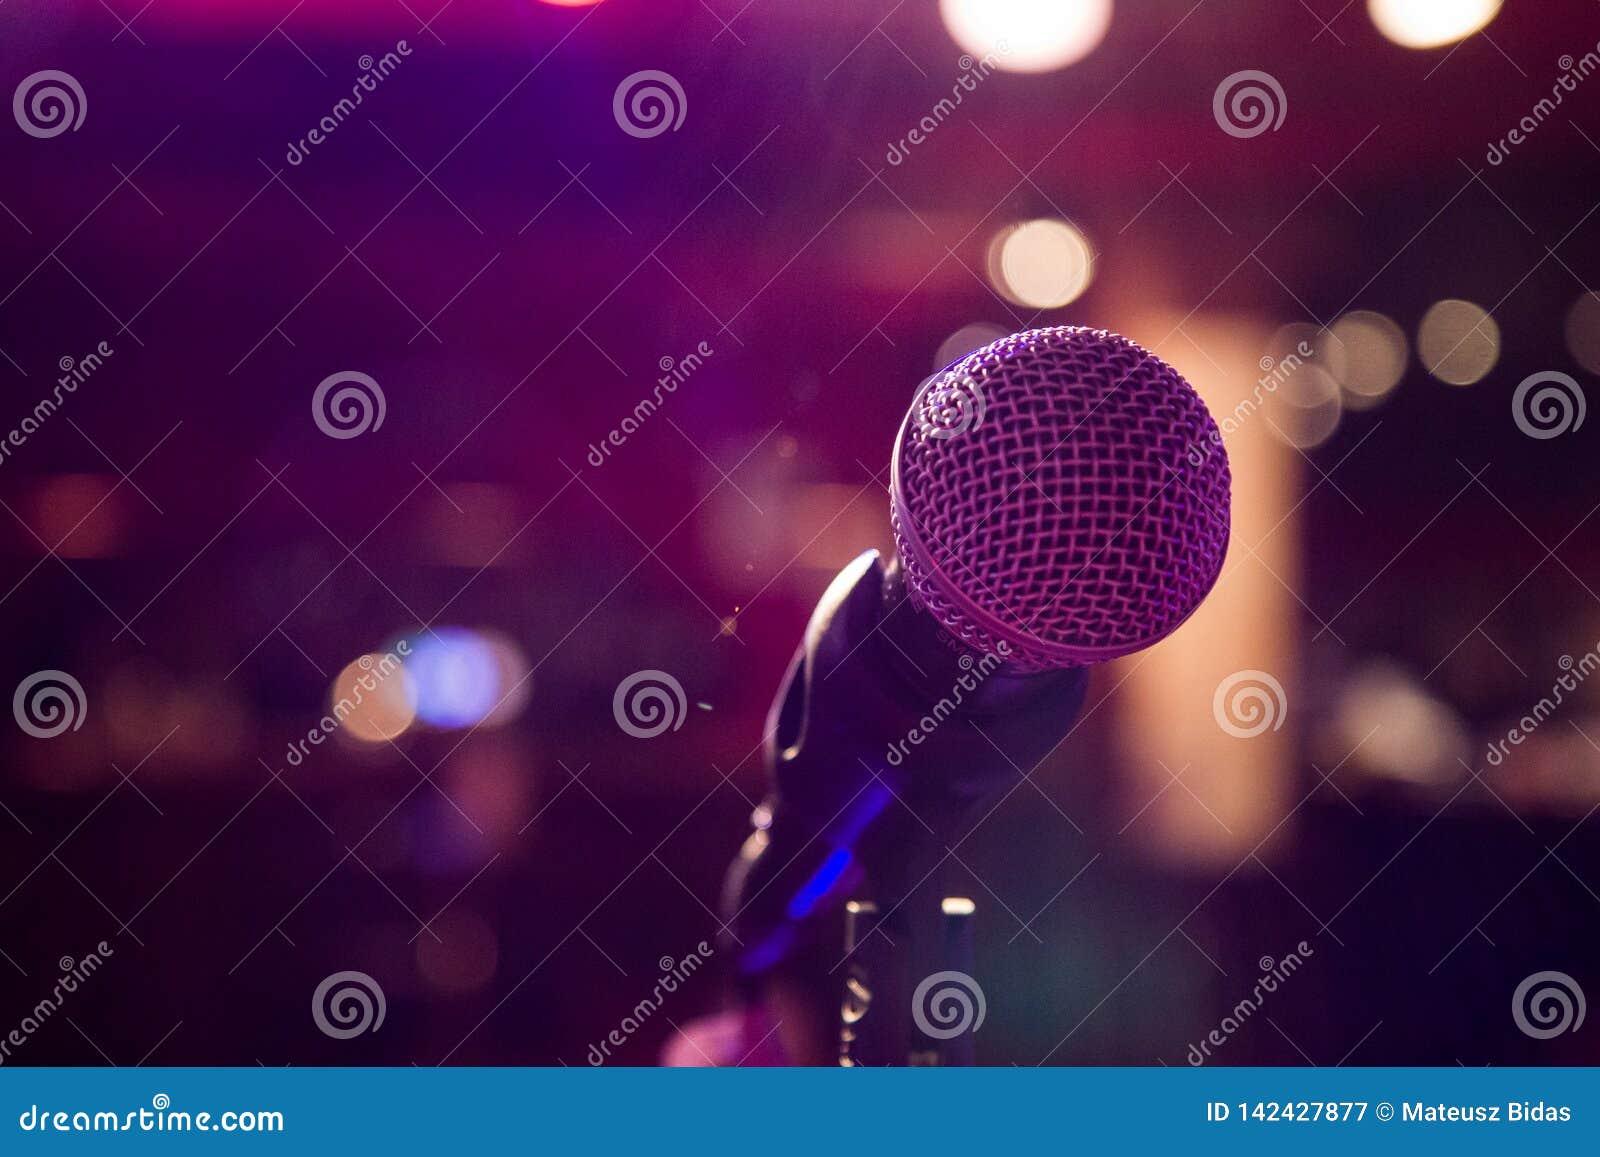 Μικρόφωνο στο ζωηρόχρωμο υπόβαθρο με το bokeh